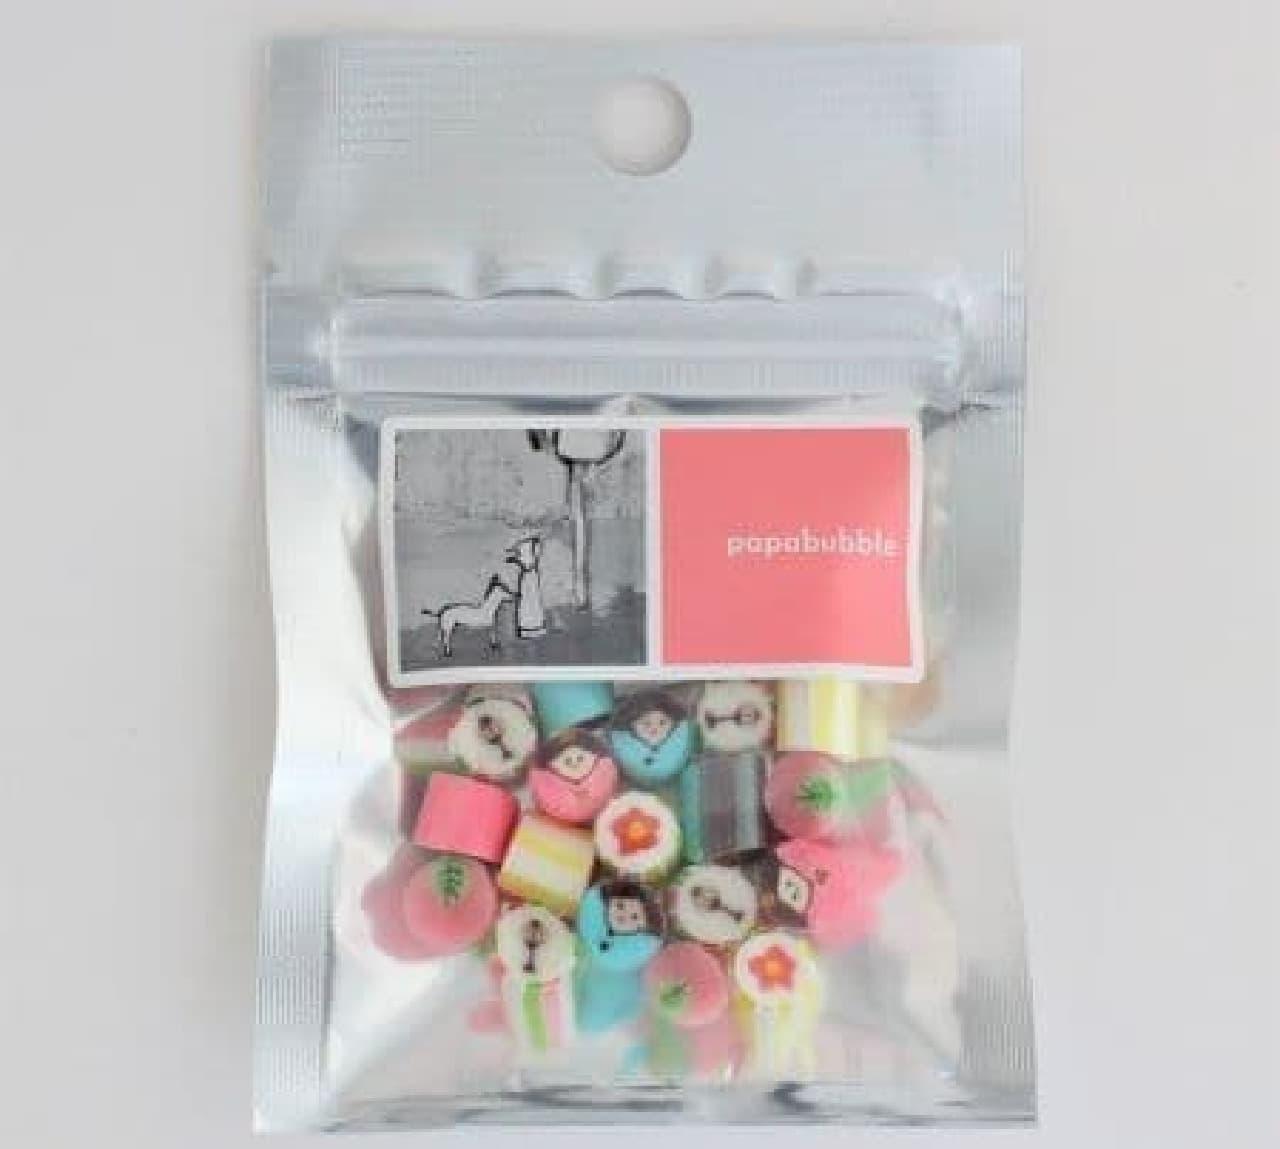 「ひなまつりMIX」は、桃の節句を祝う5種のキャンディが組み合わされたセット